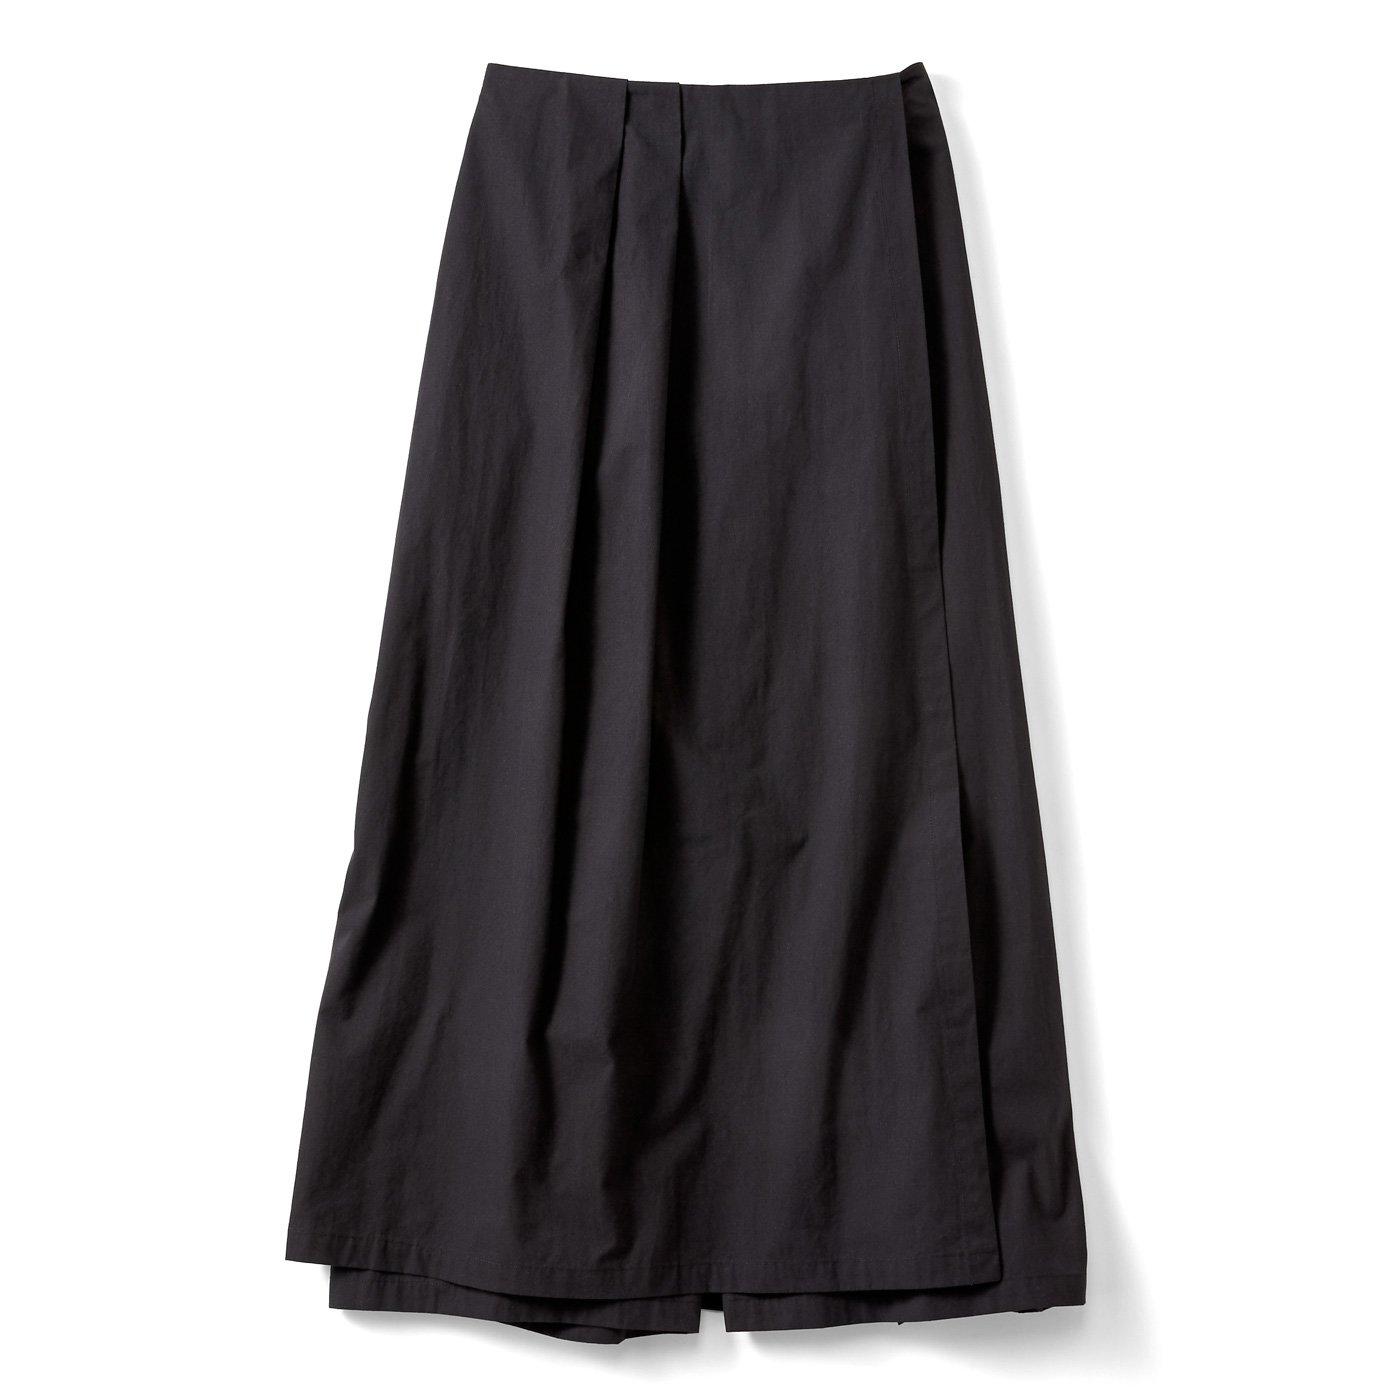 スカートみたいなラップ風パンツ〈ブラック〉